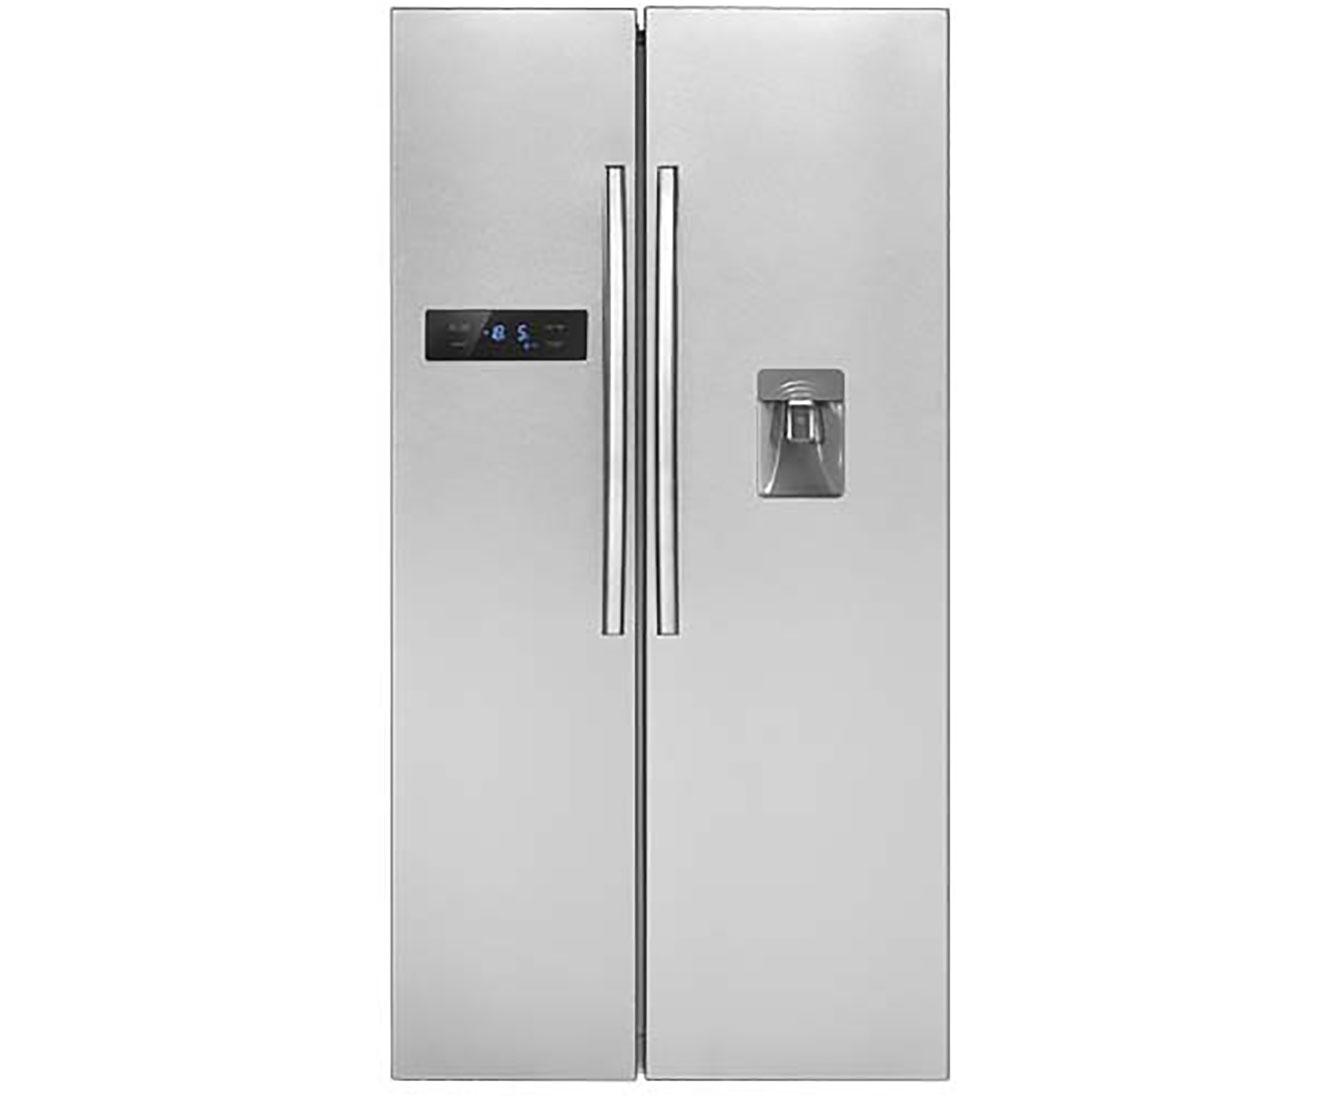 Side By Side Kühlschrank Vorteile Nachteile : Bomann sbs amerikanischer side by side mit wasserspender